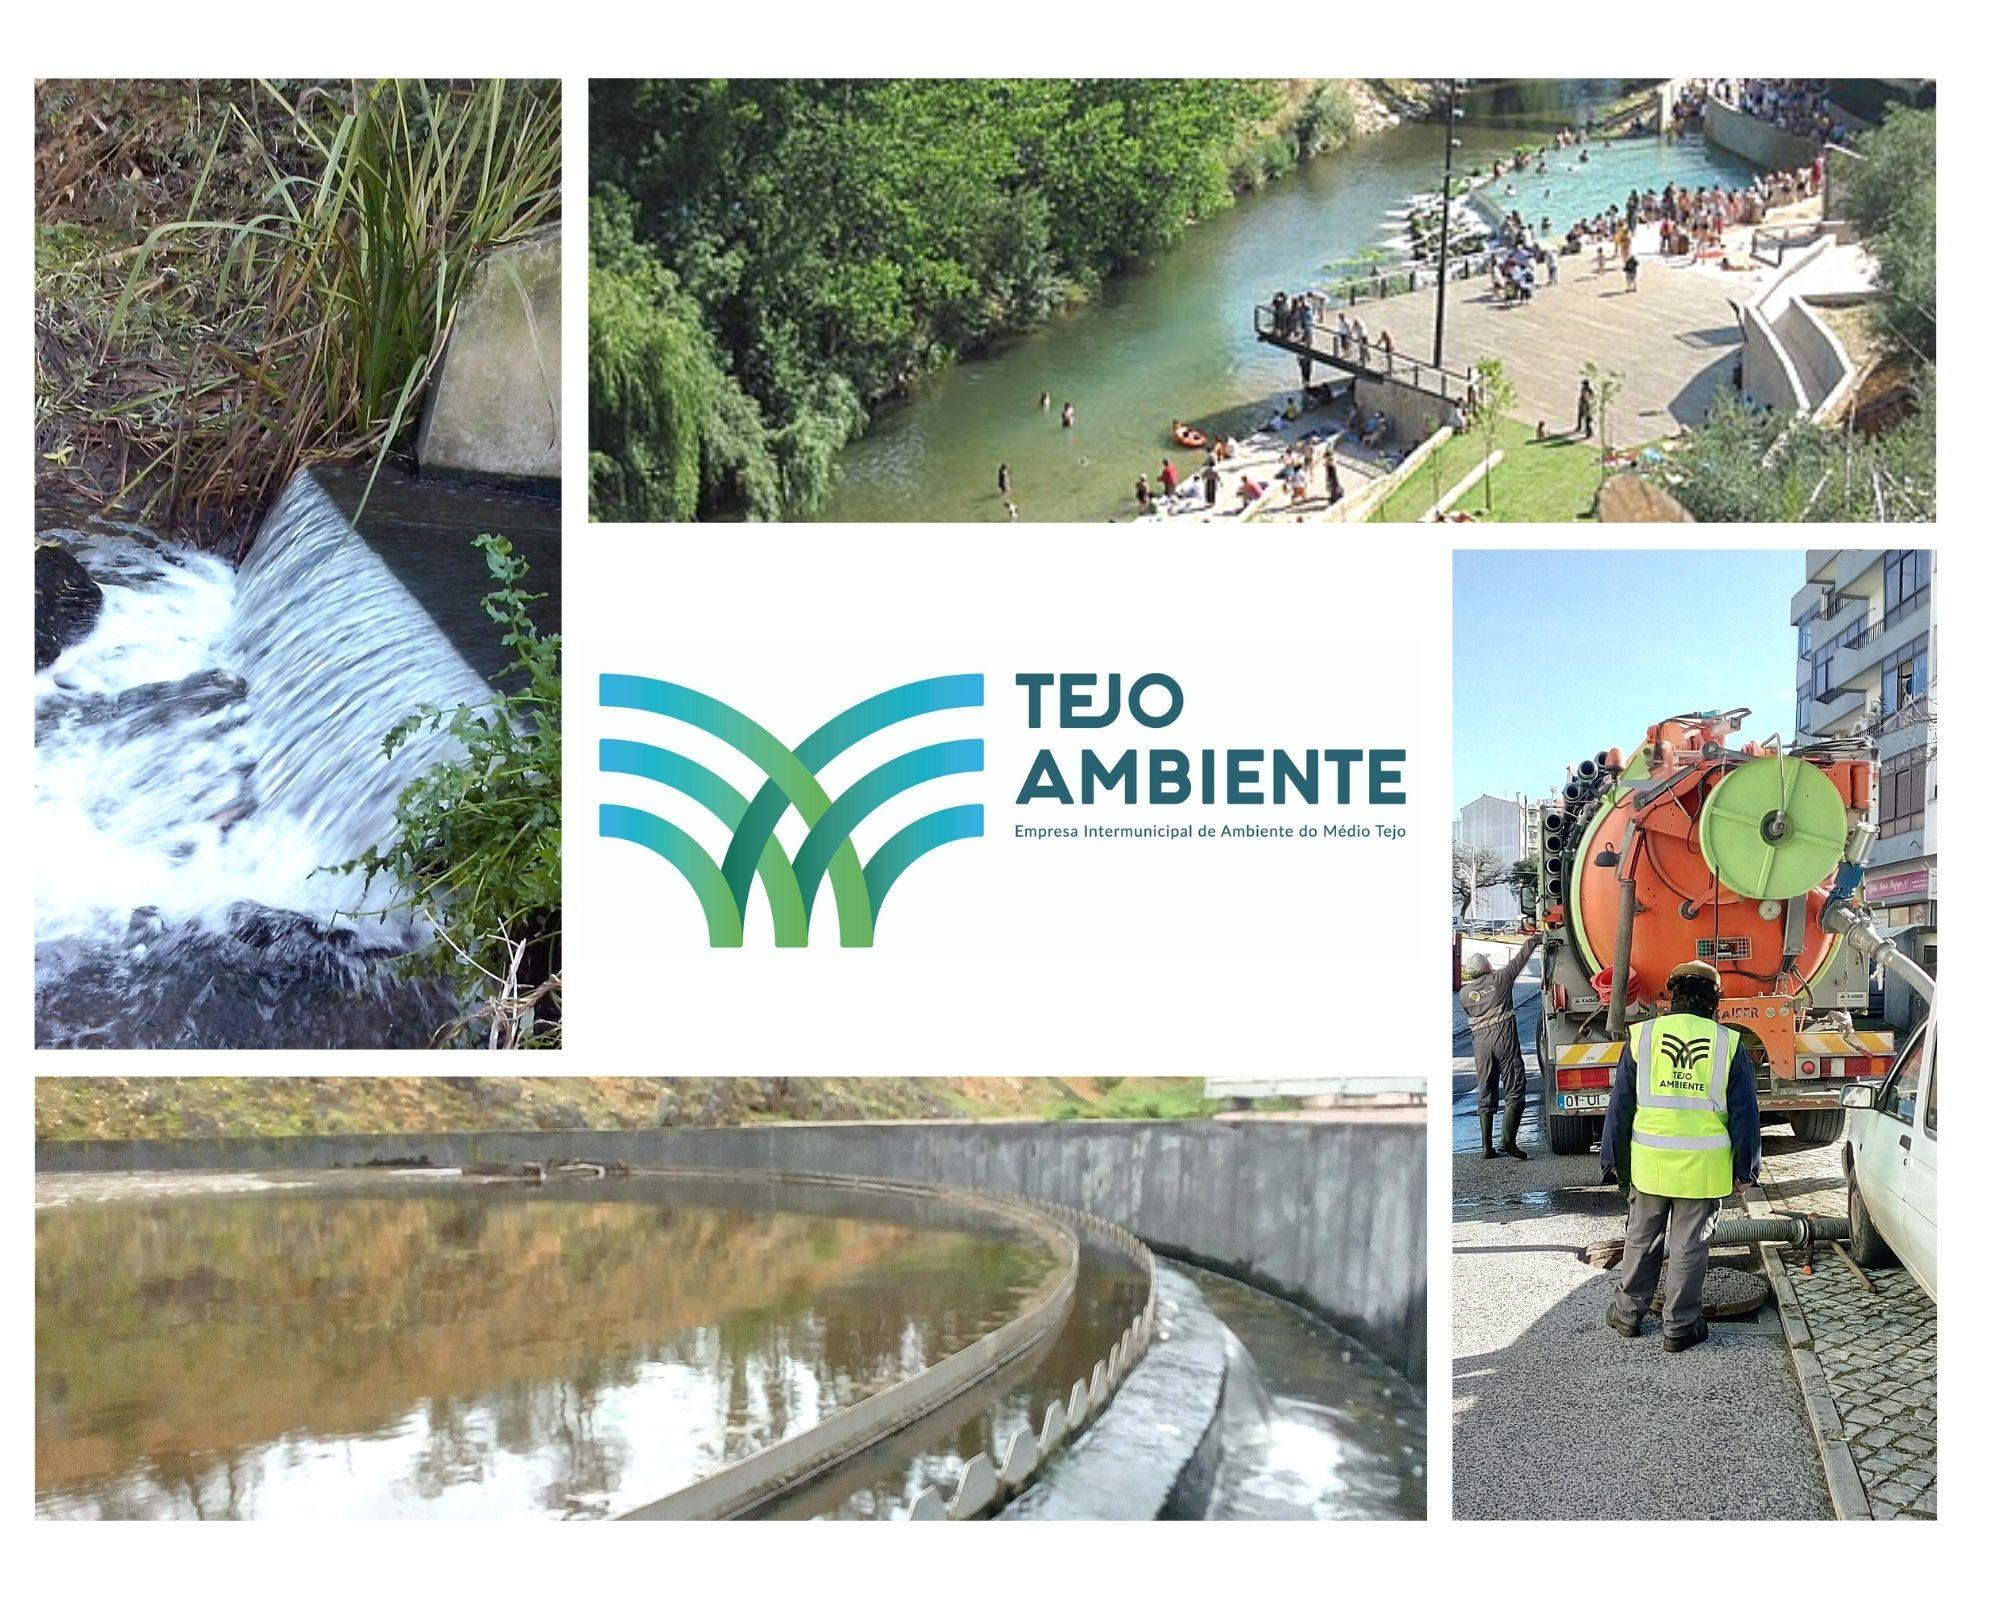 Fotografia: montagem de imagens de áreas de atuação da Tejo Ambiente